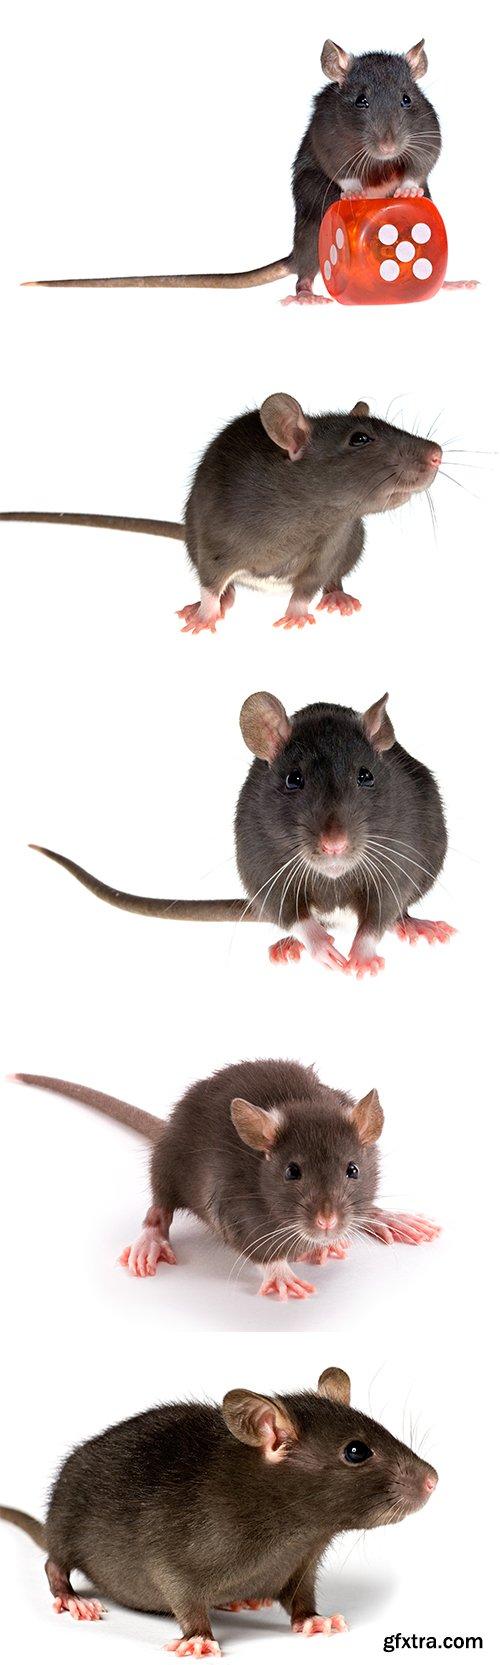 Rat Isolated - 11xJPGs